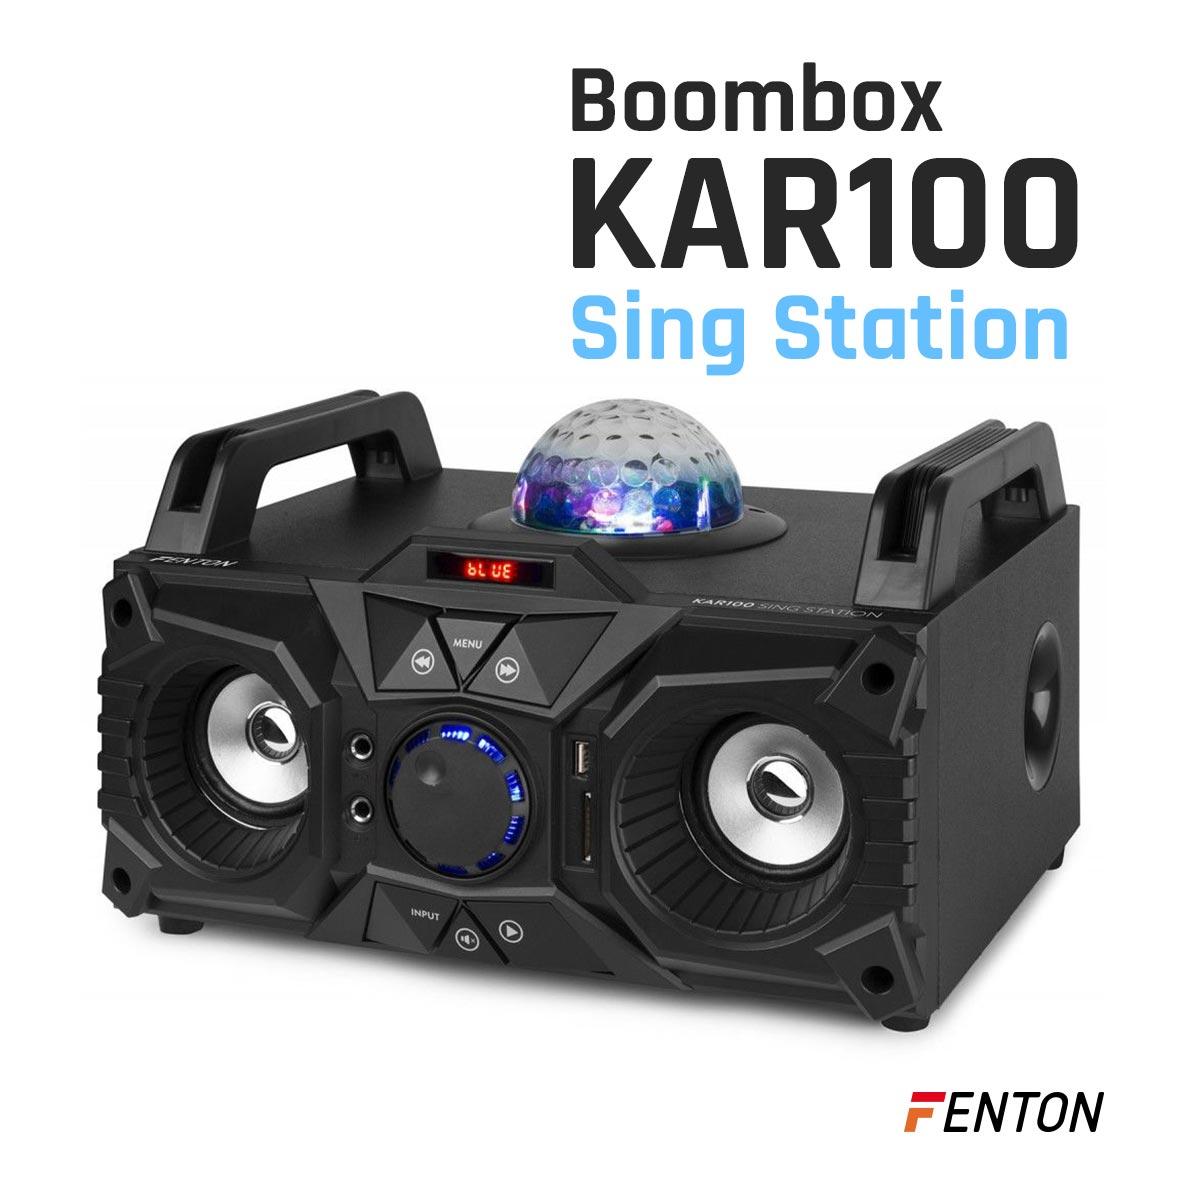 Boombox KAR100